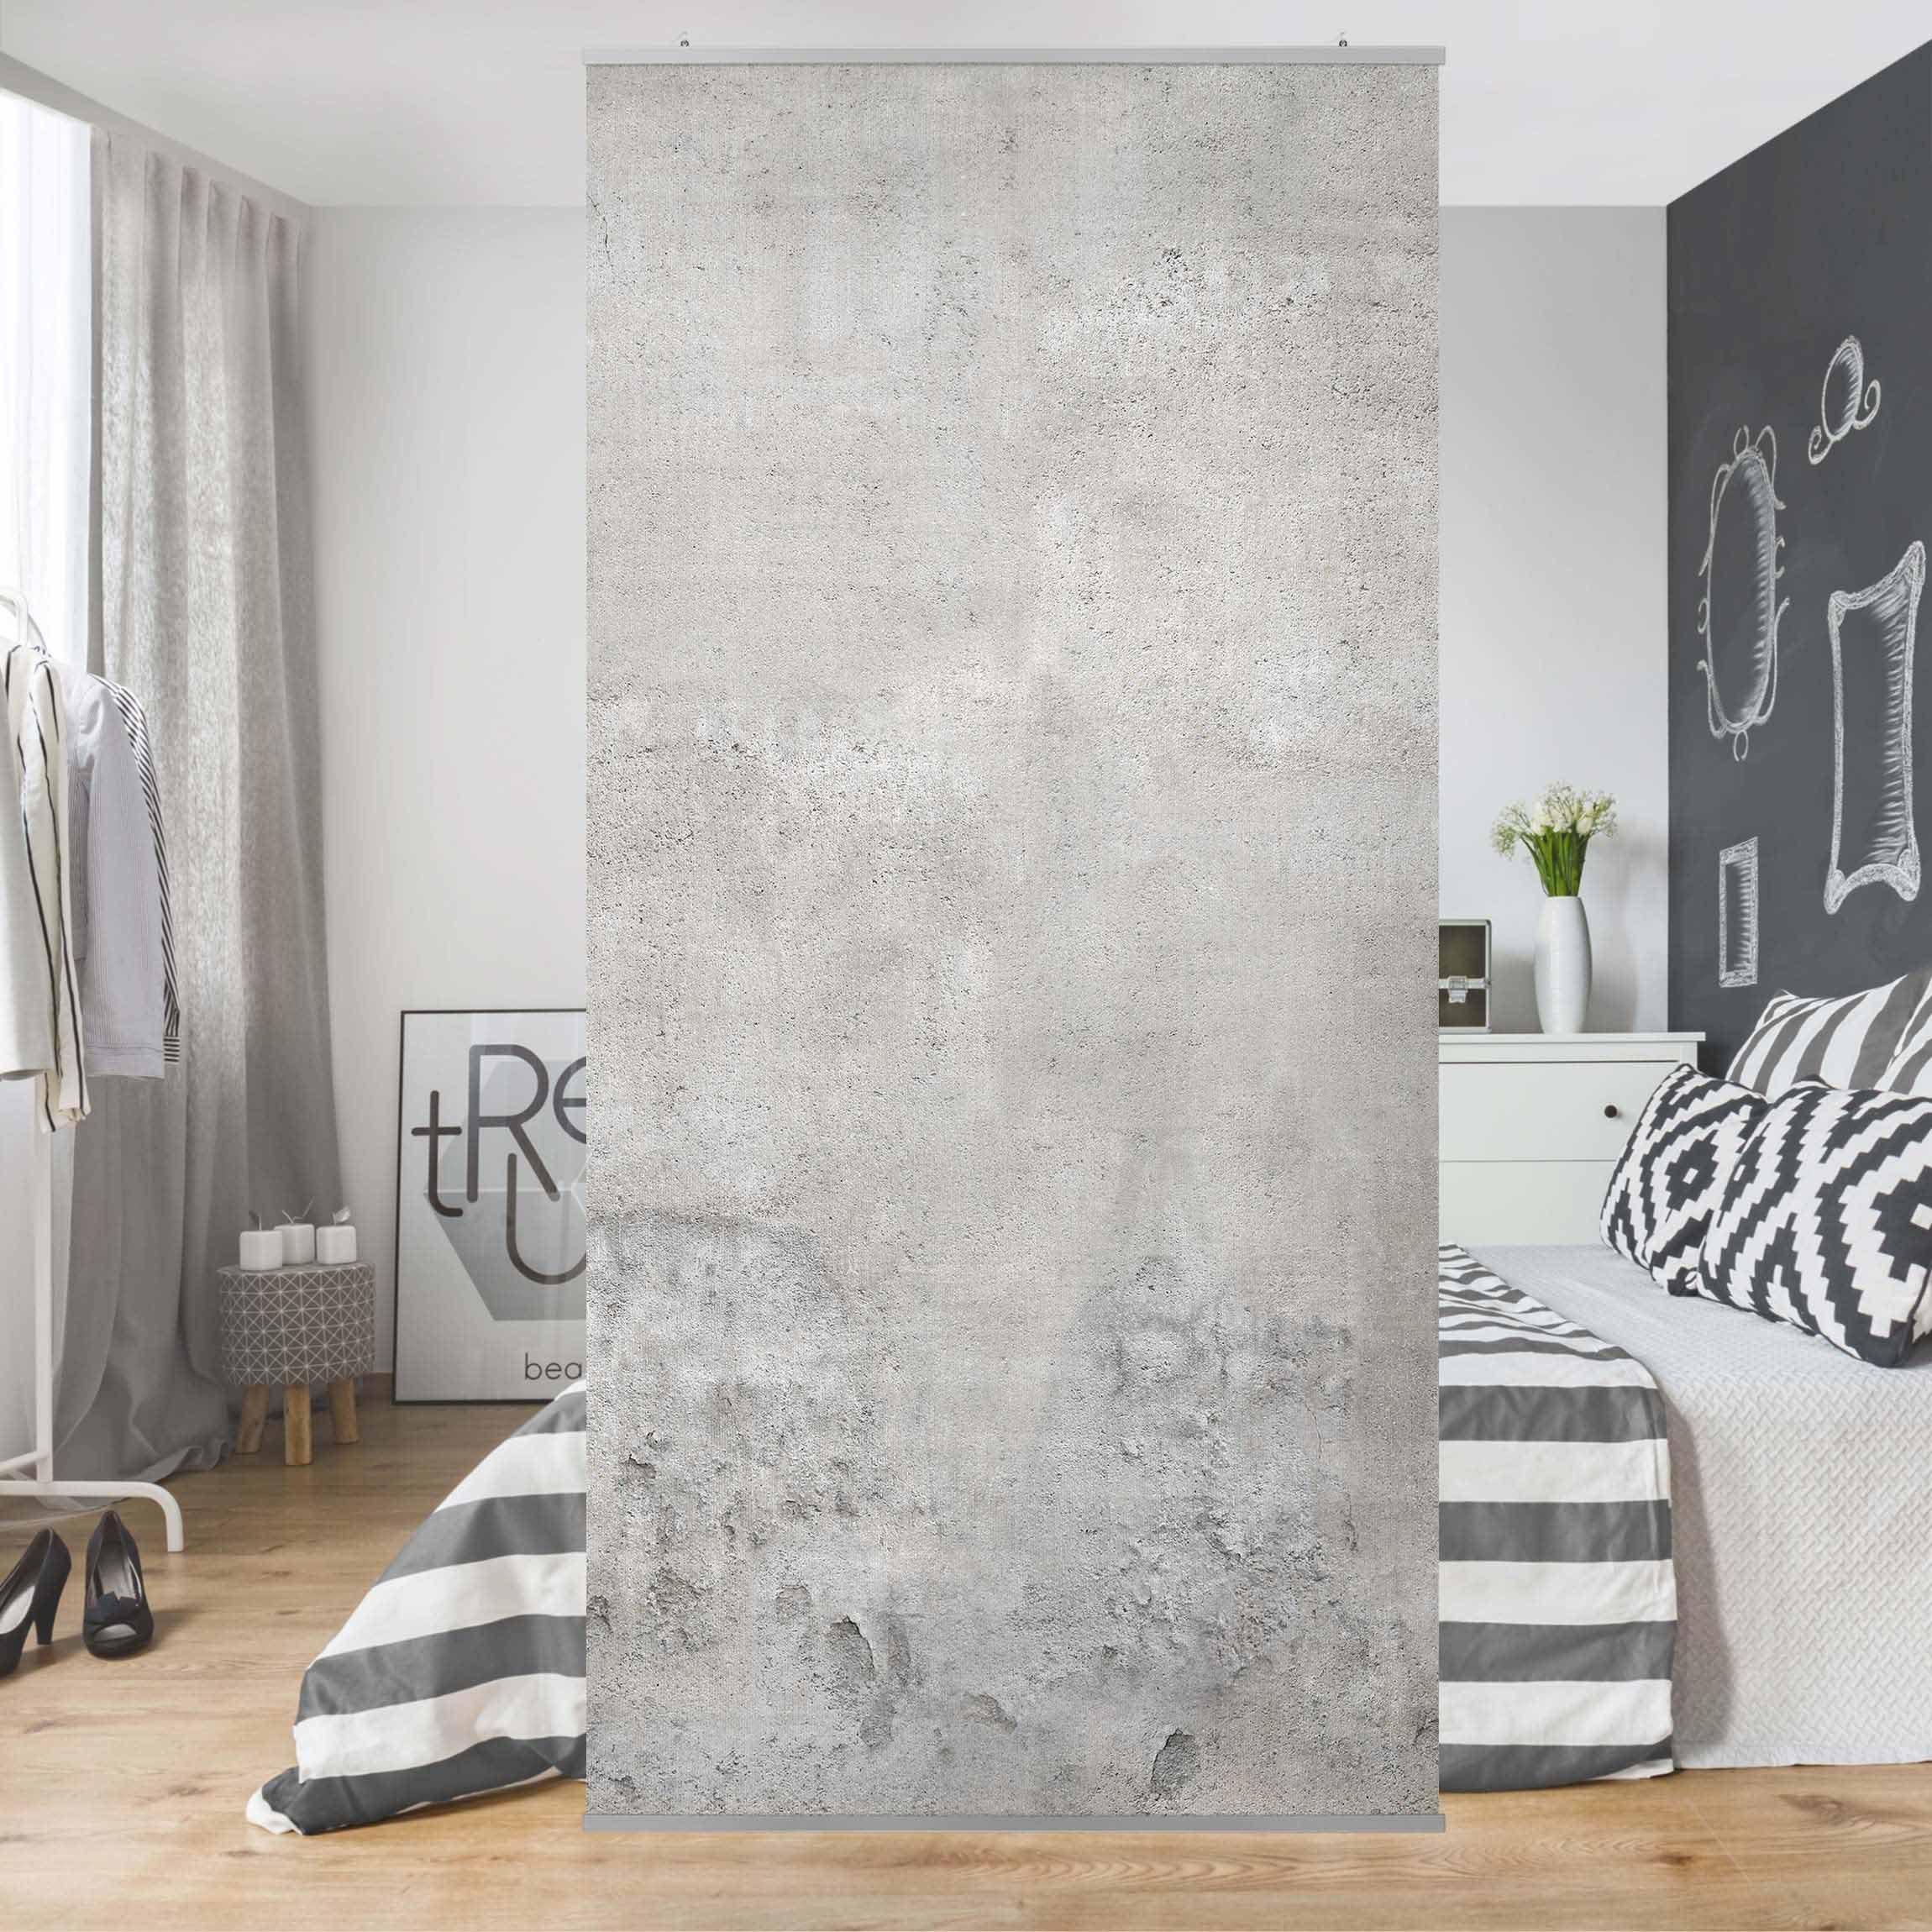 Bilderwelten Raumteiler - Vorhang »Top Steinoptik Raumtrenner« | Wohnzimmer > Regale > Raumteiler | Polyester - Stoff - Textil - Aluminium | Bilderwelten